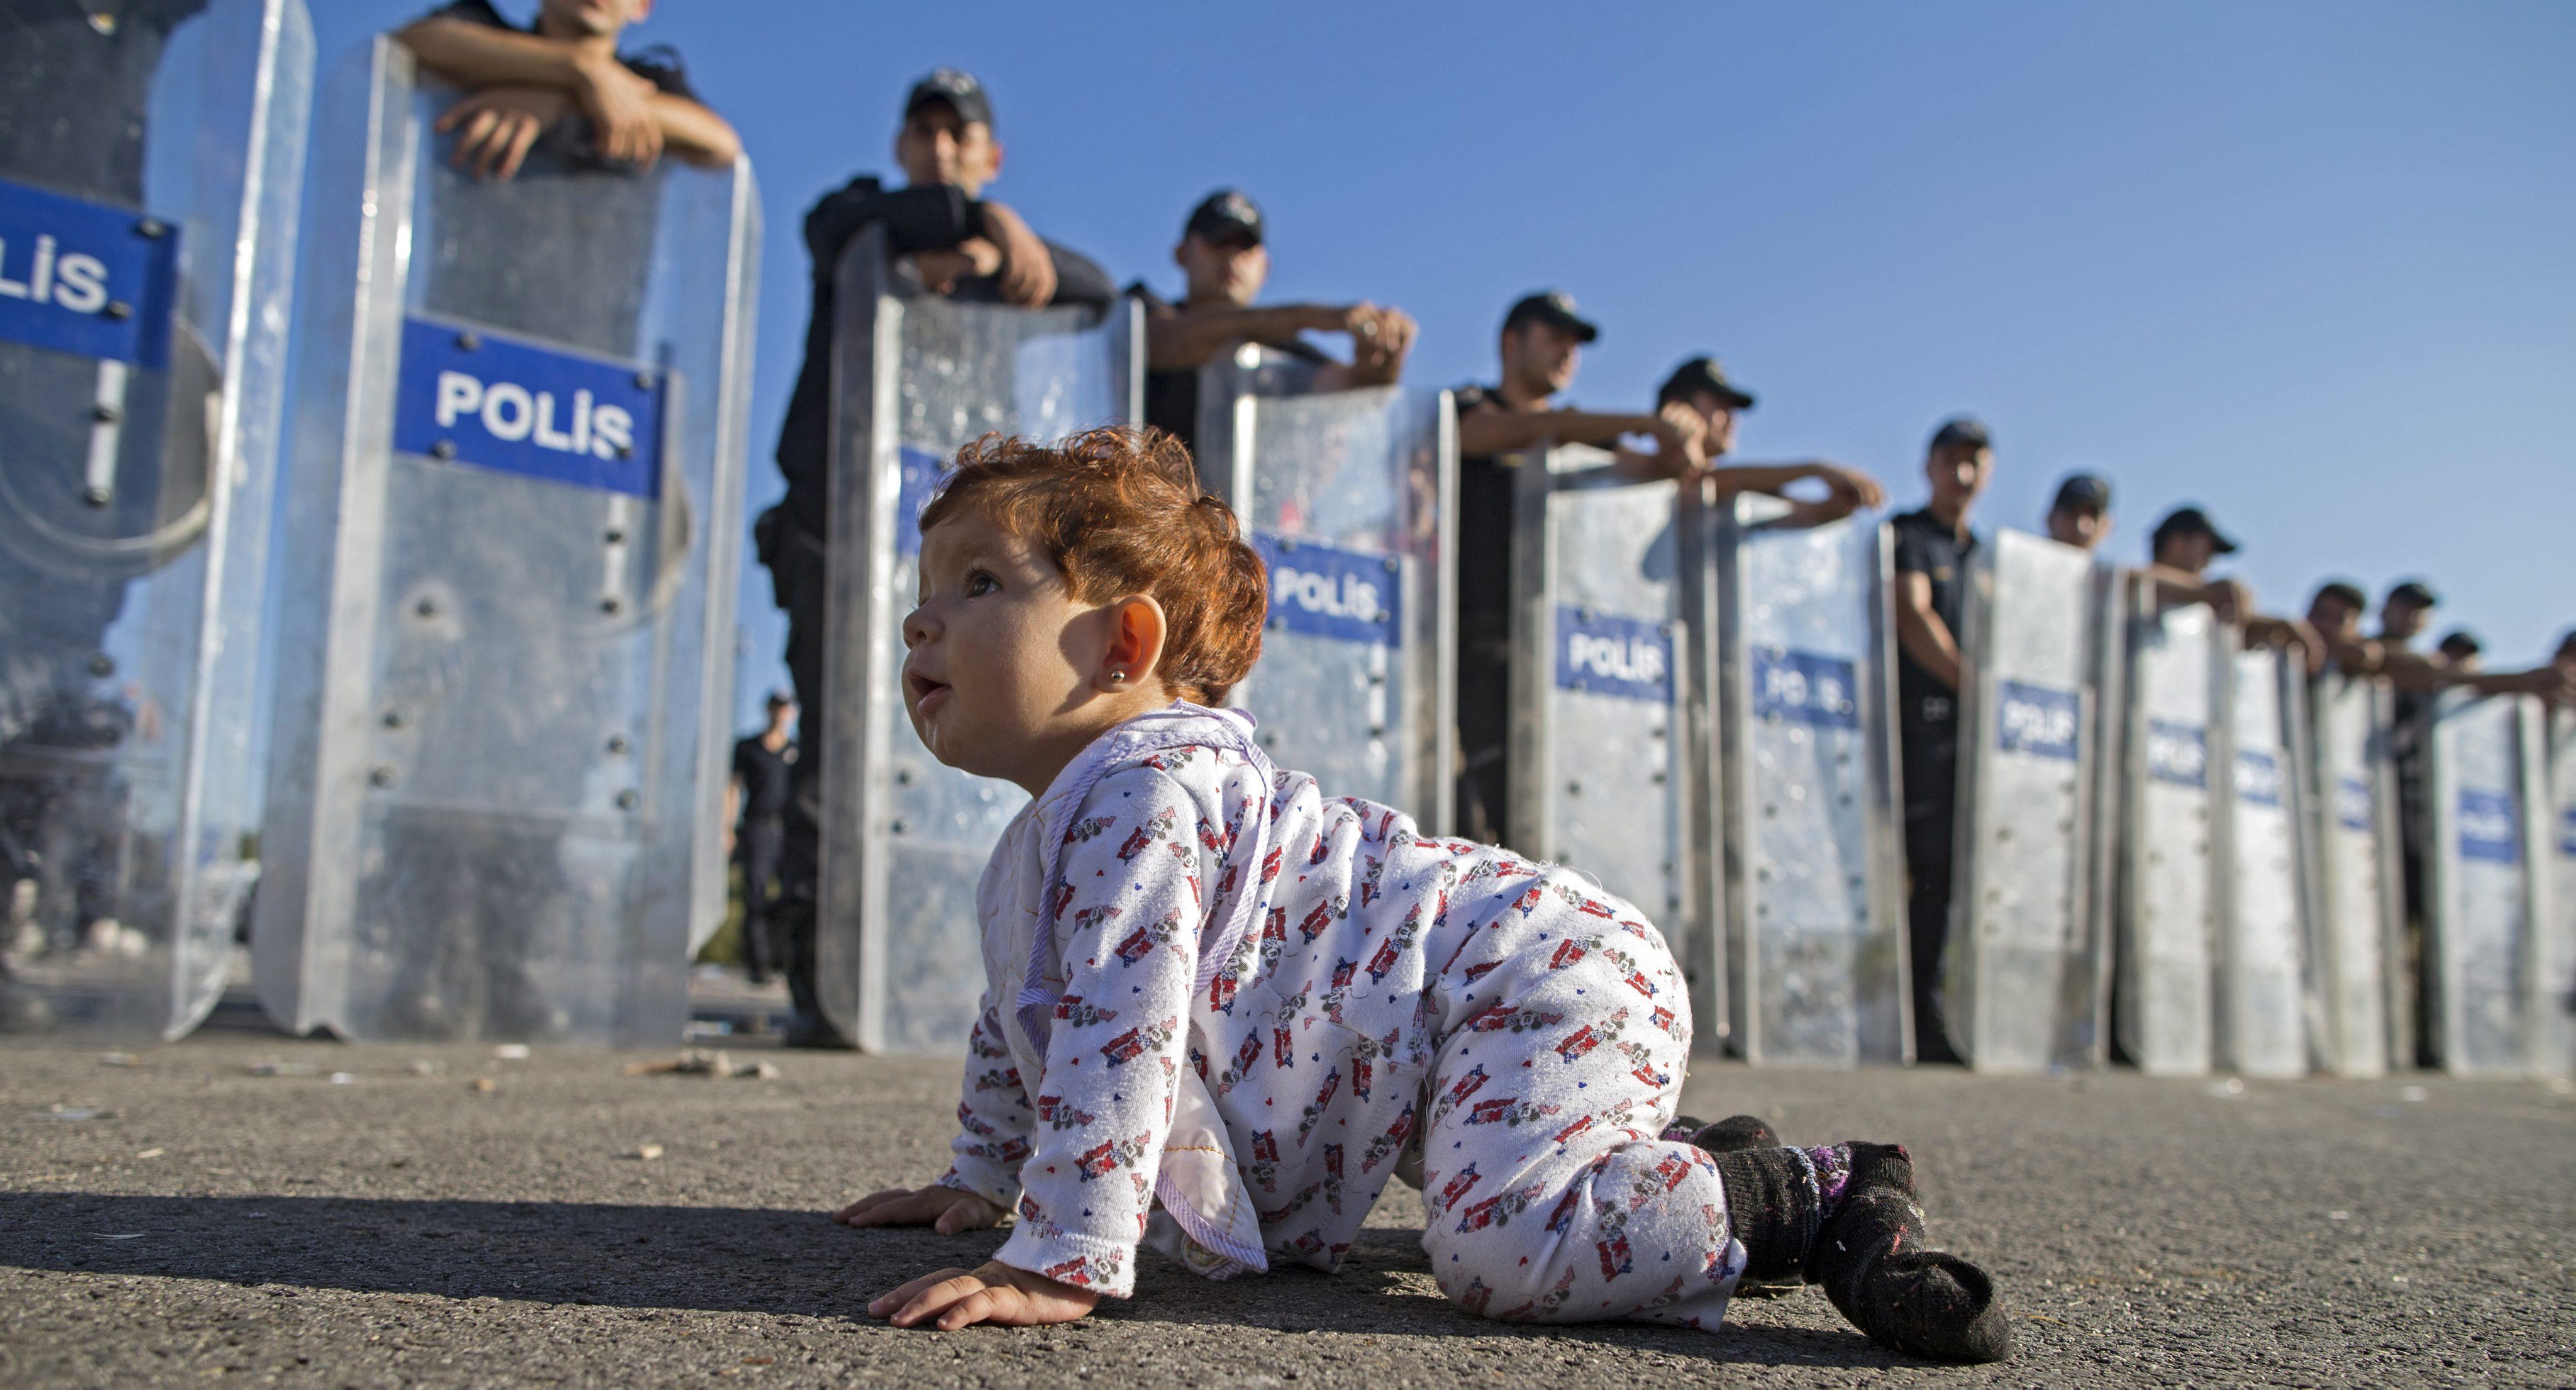 Mais de 10 mil crianças refugiadas desapareceram